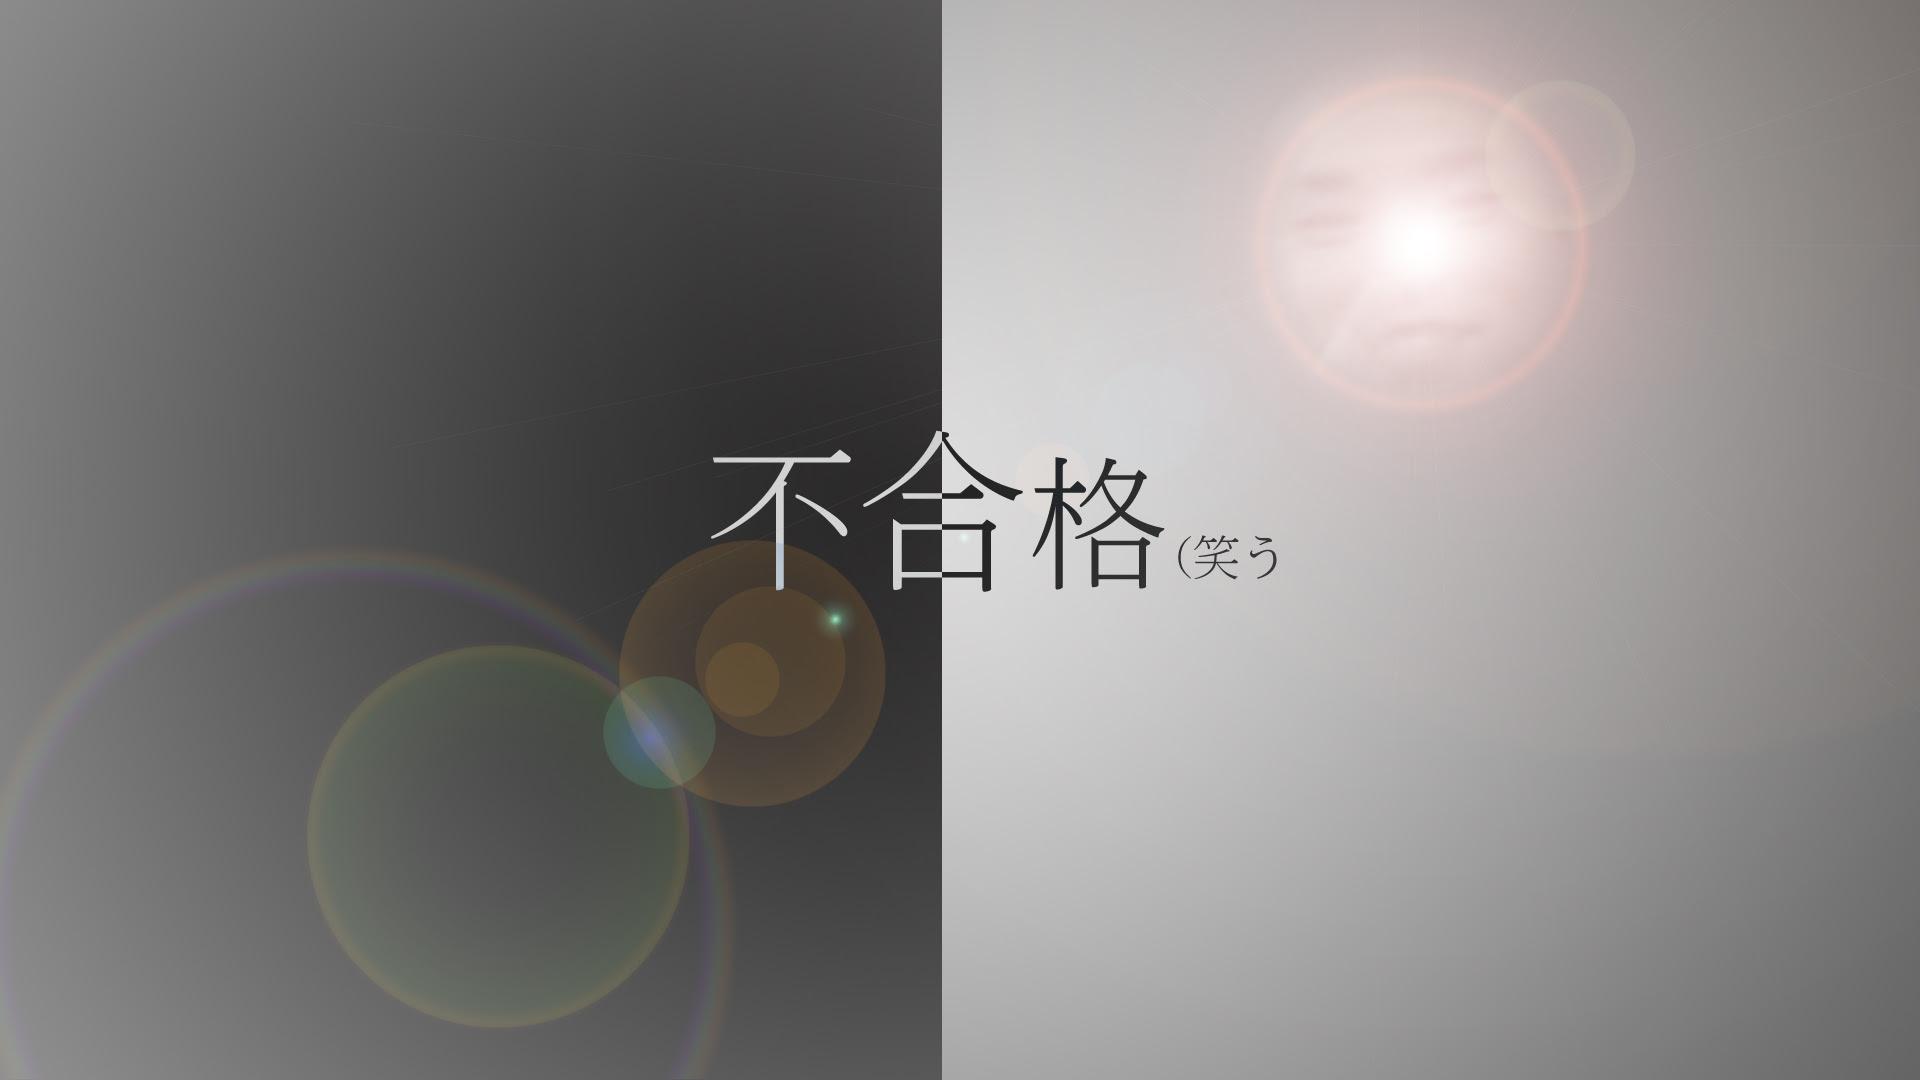 受験間近 Kyur1 Blog